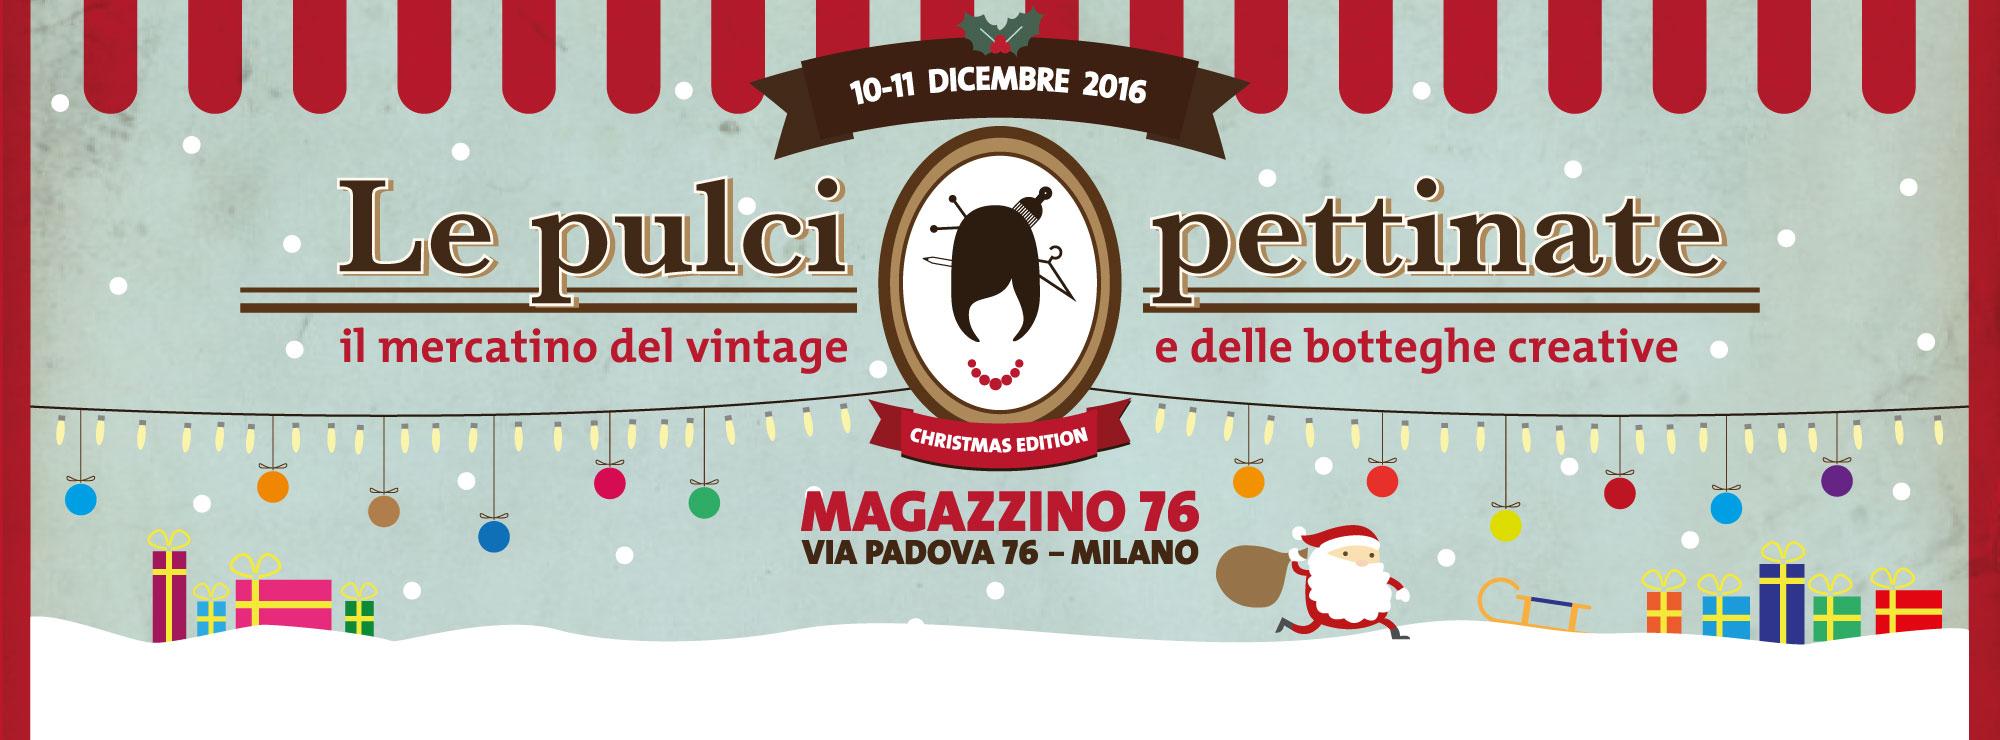 le pulci pettinate-christmas edition